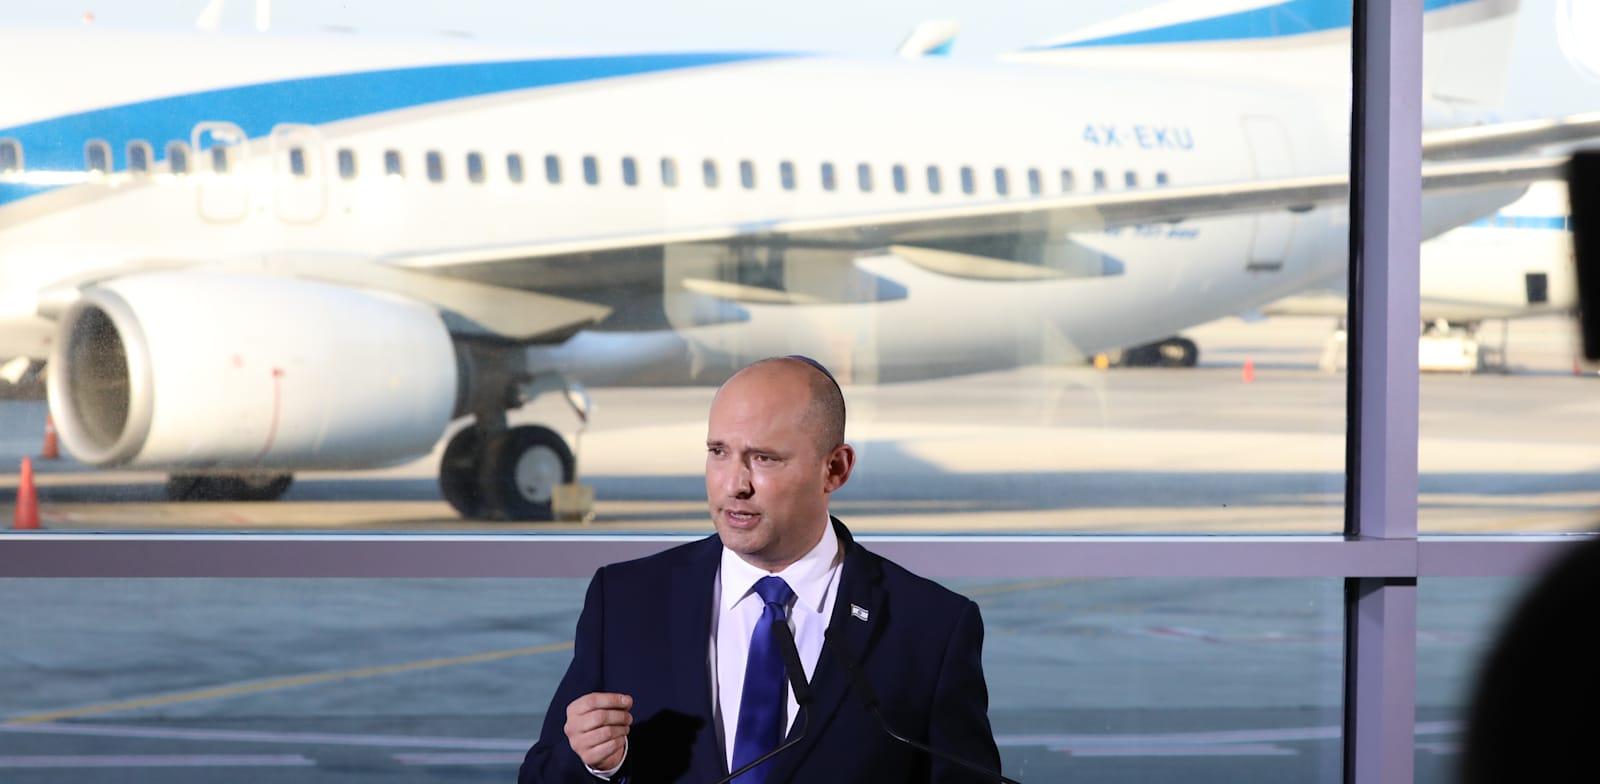 ראש הממשלה נפתלי בנט נואם בנתב''ג. המדינה הזניחה את העסקים שמתבססים על תיירות יוצאת / צילום: יוסי זמיר